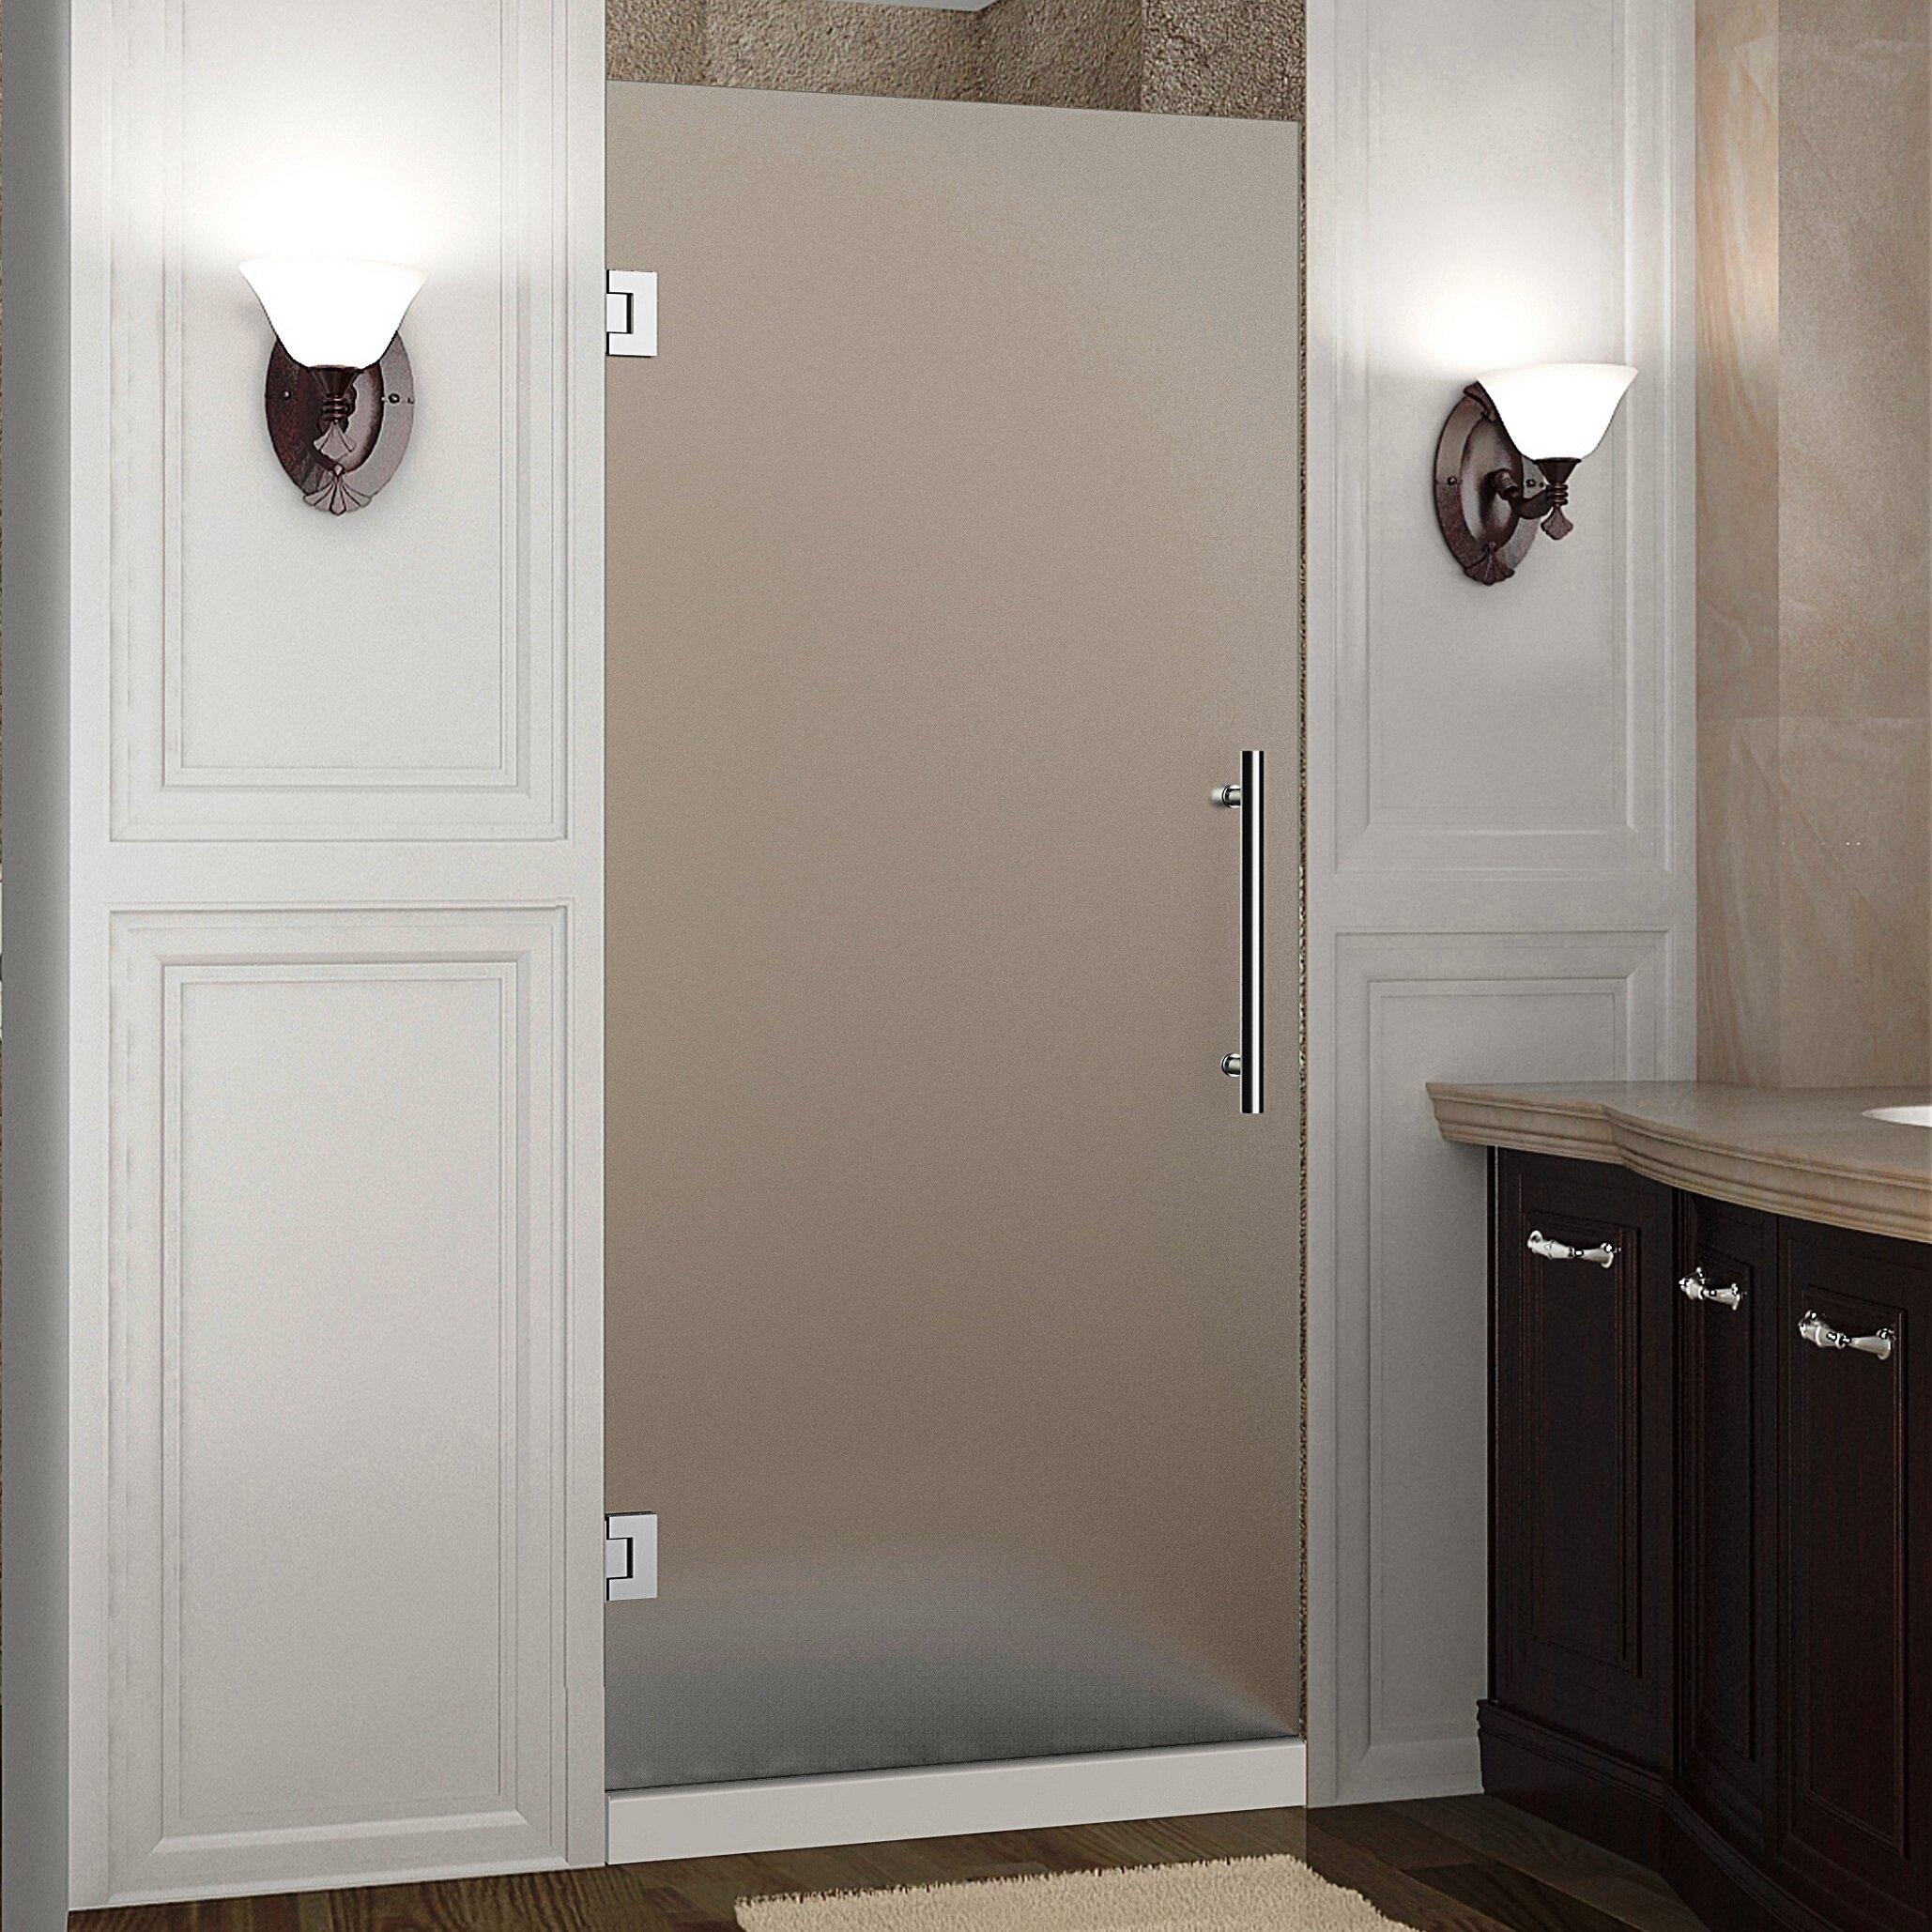 32 single panel swinging door pics 793